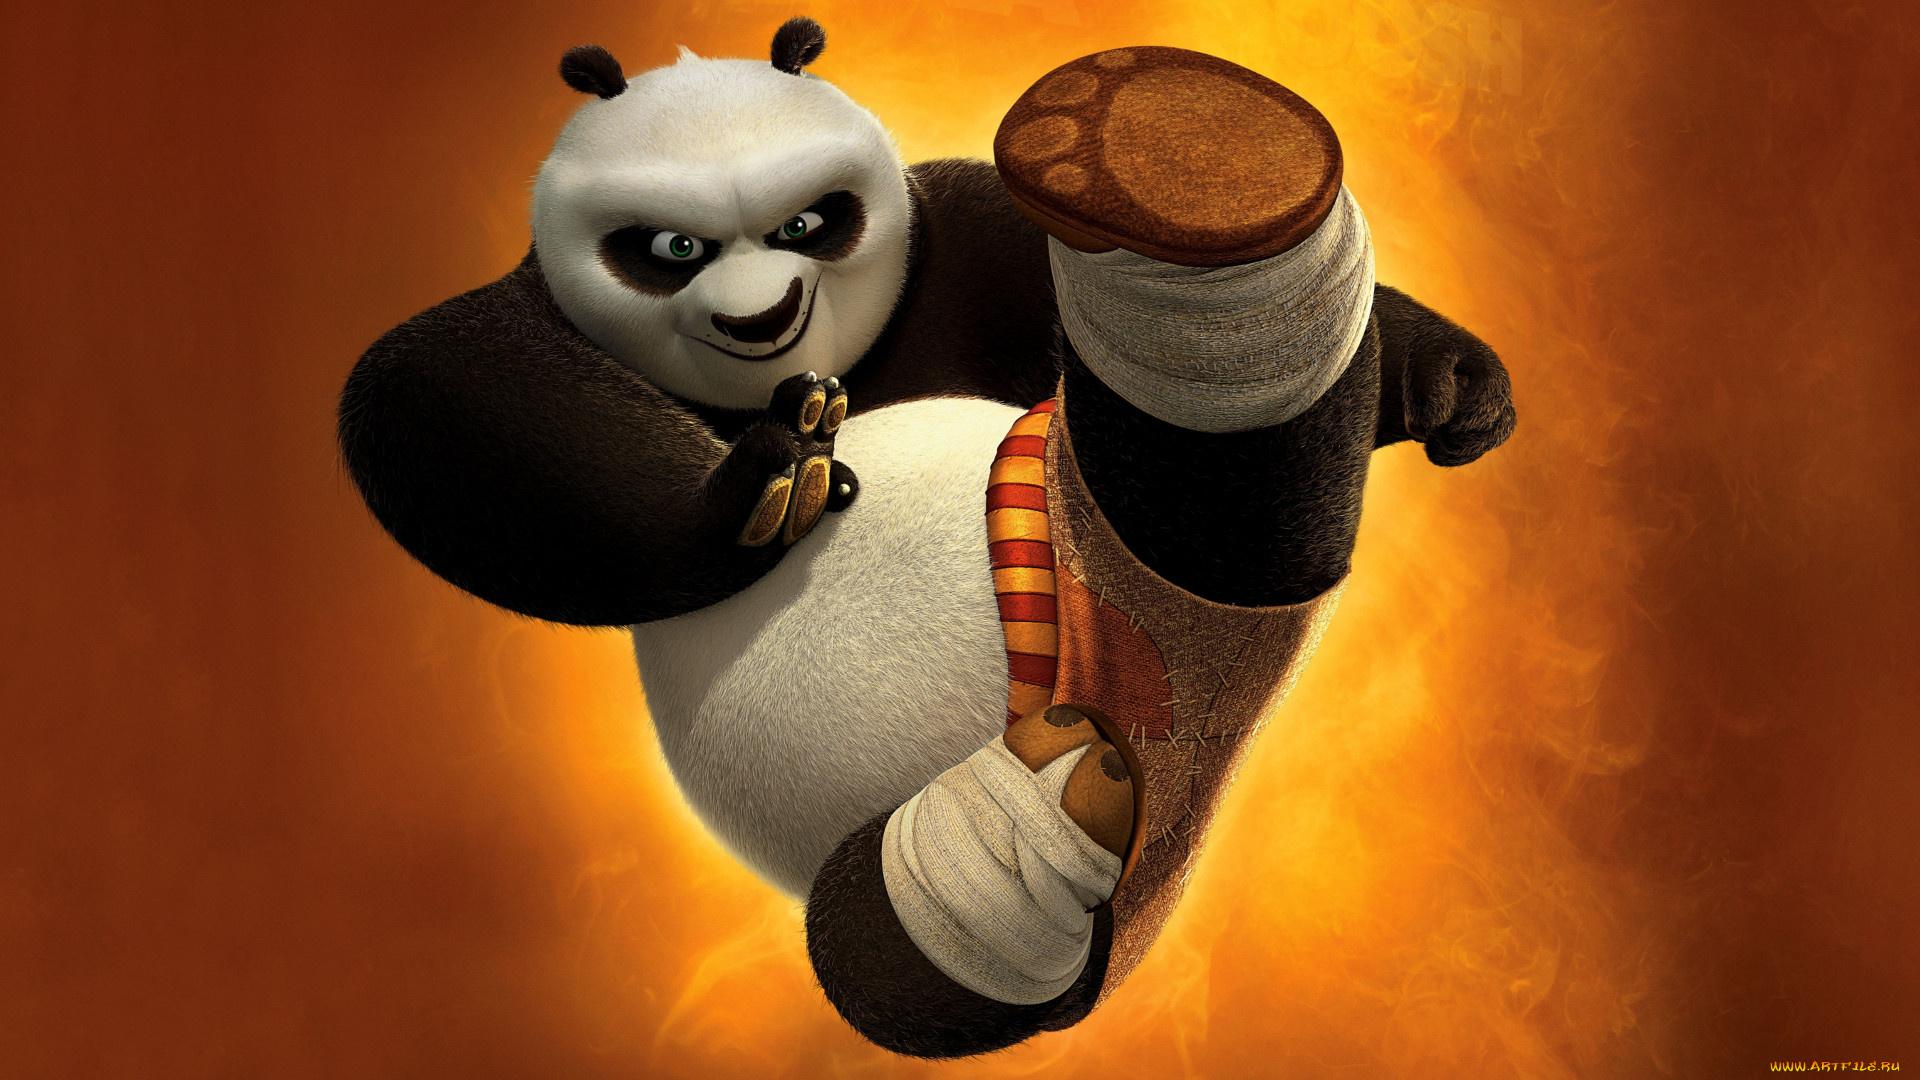 Кунфу панда картинки из мультфильма, свадебные открытки